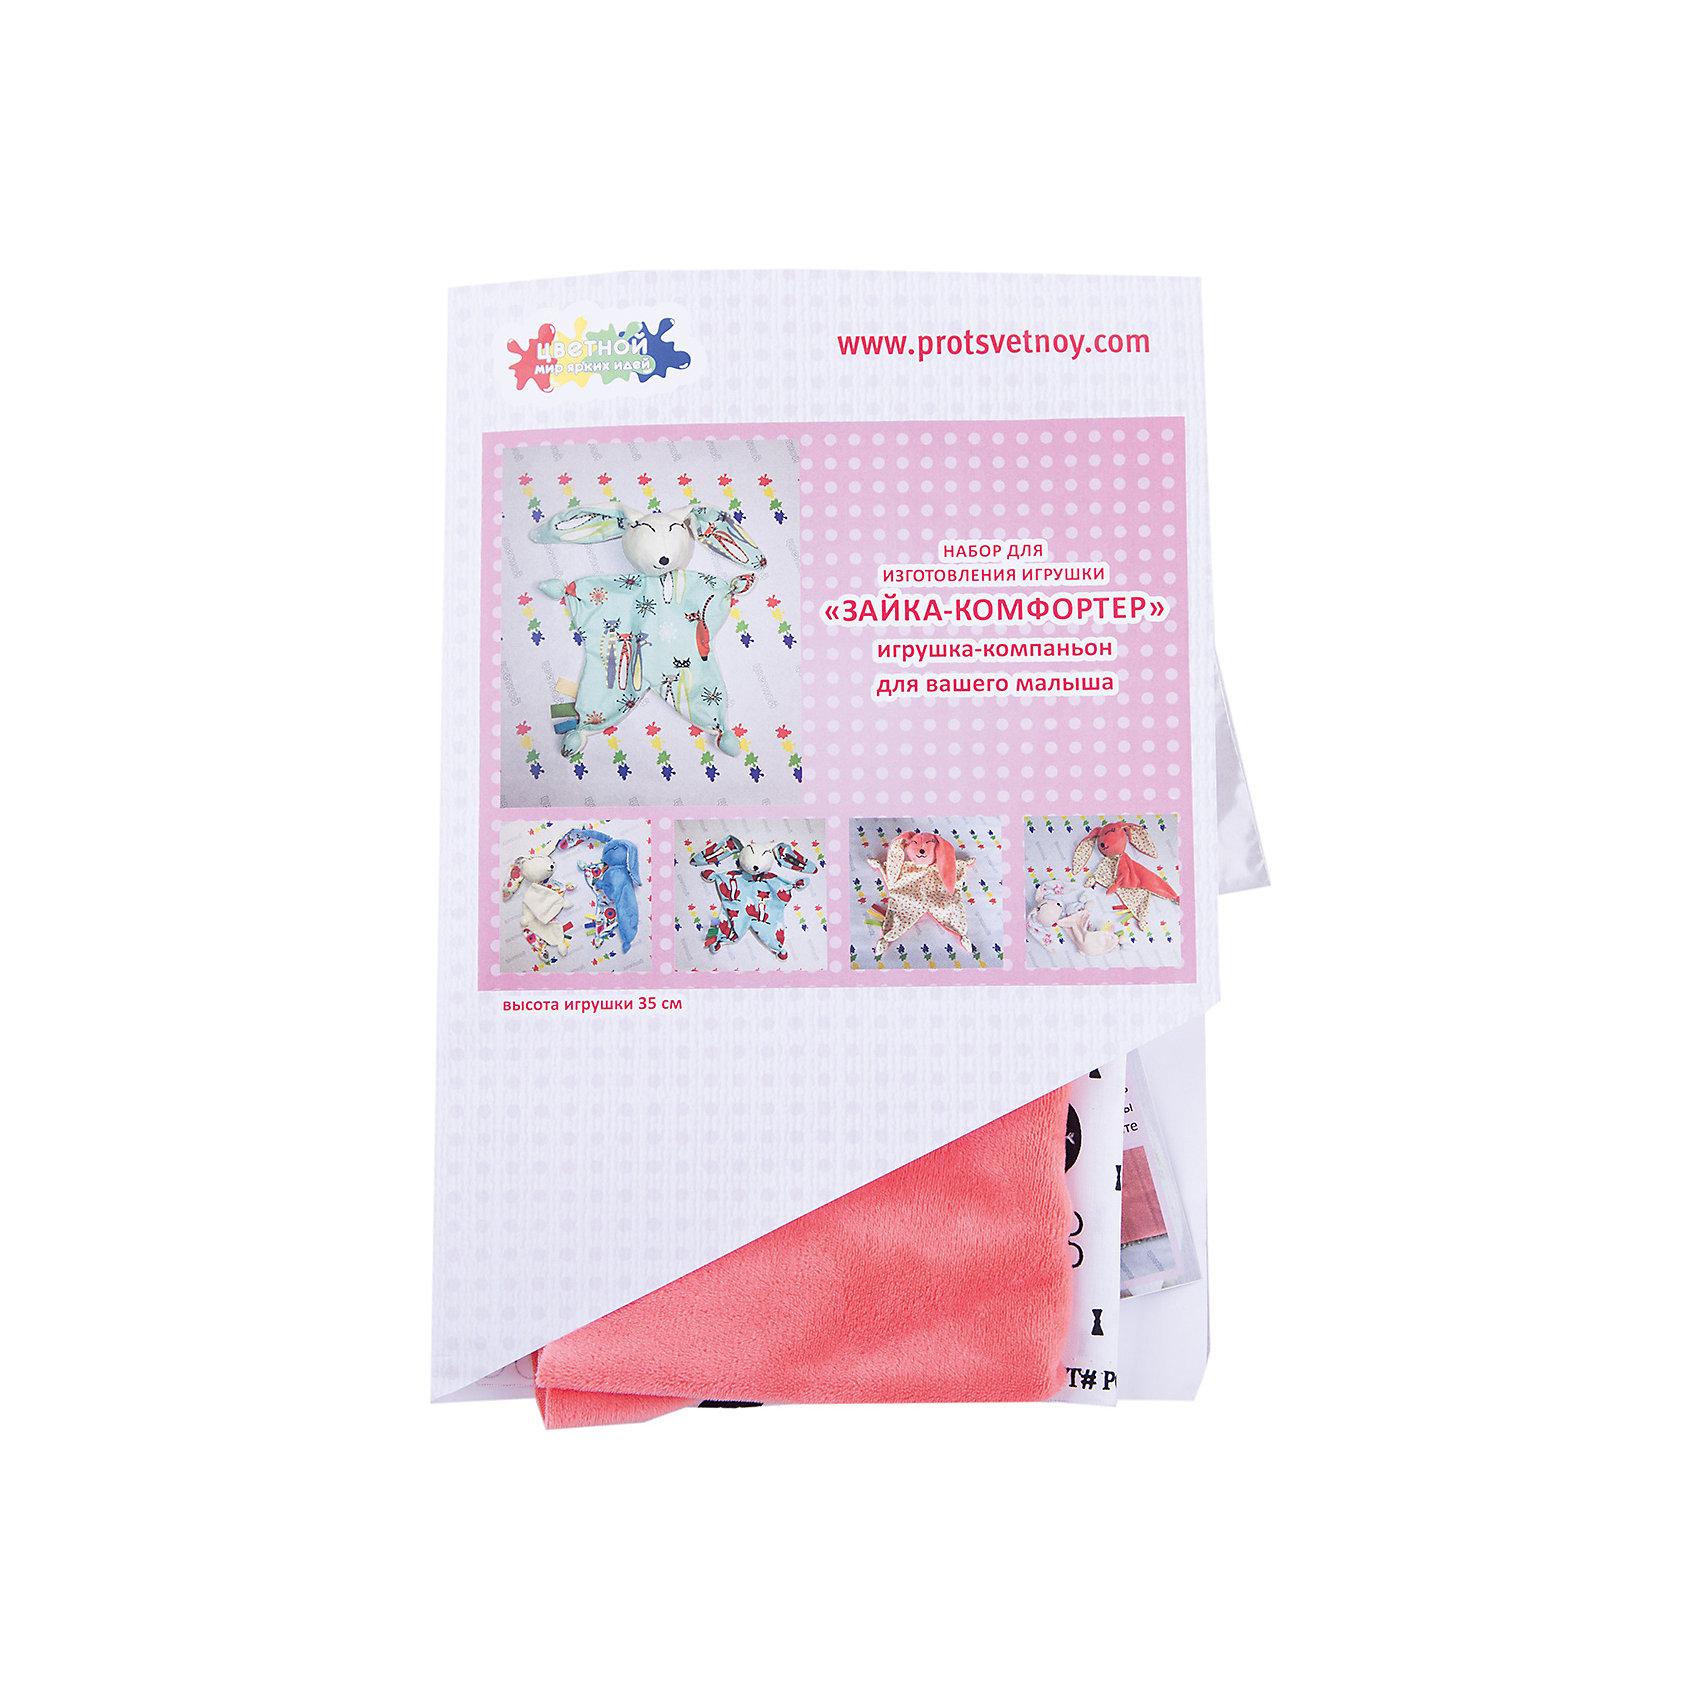 Набор Зайка-КомфортерРукоделие<br>В набор входит выкройка, подробная инструкция, лекало, мел, булавки, нитки, наполнитель-холлафайбер, ленты и аксессуары для украшения. Игрушка выполняется из специальной несыпучей ткани для печворка. Своими руками Вы создаете дизайнерскую игрушку<br><br>Ширина мм: 250<br>Глубина мм: 20<br>Высота мм: 350<br>Вес г: 500<br>Возраст от месяцев: 120<br>Возраст до месяцев: 180<br>Пол: Унисекс<br>Возраст: Детский<br>SKU: 5350879